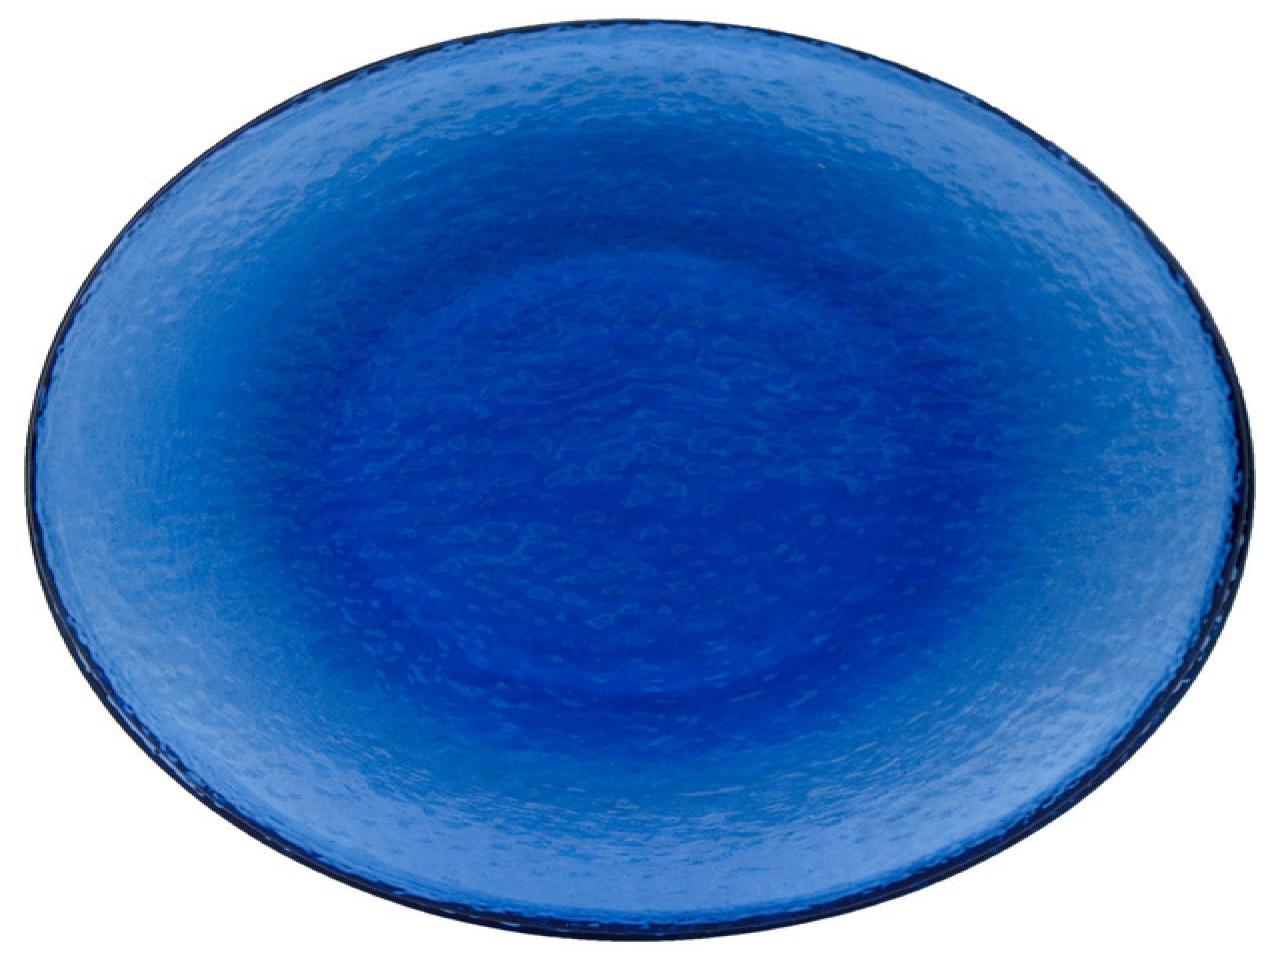 Blue Dinner Plates  Contemporary decorative glass plates cobalt blue glass